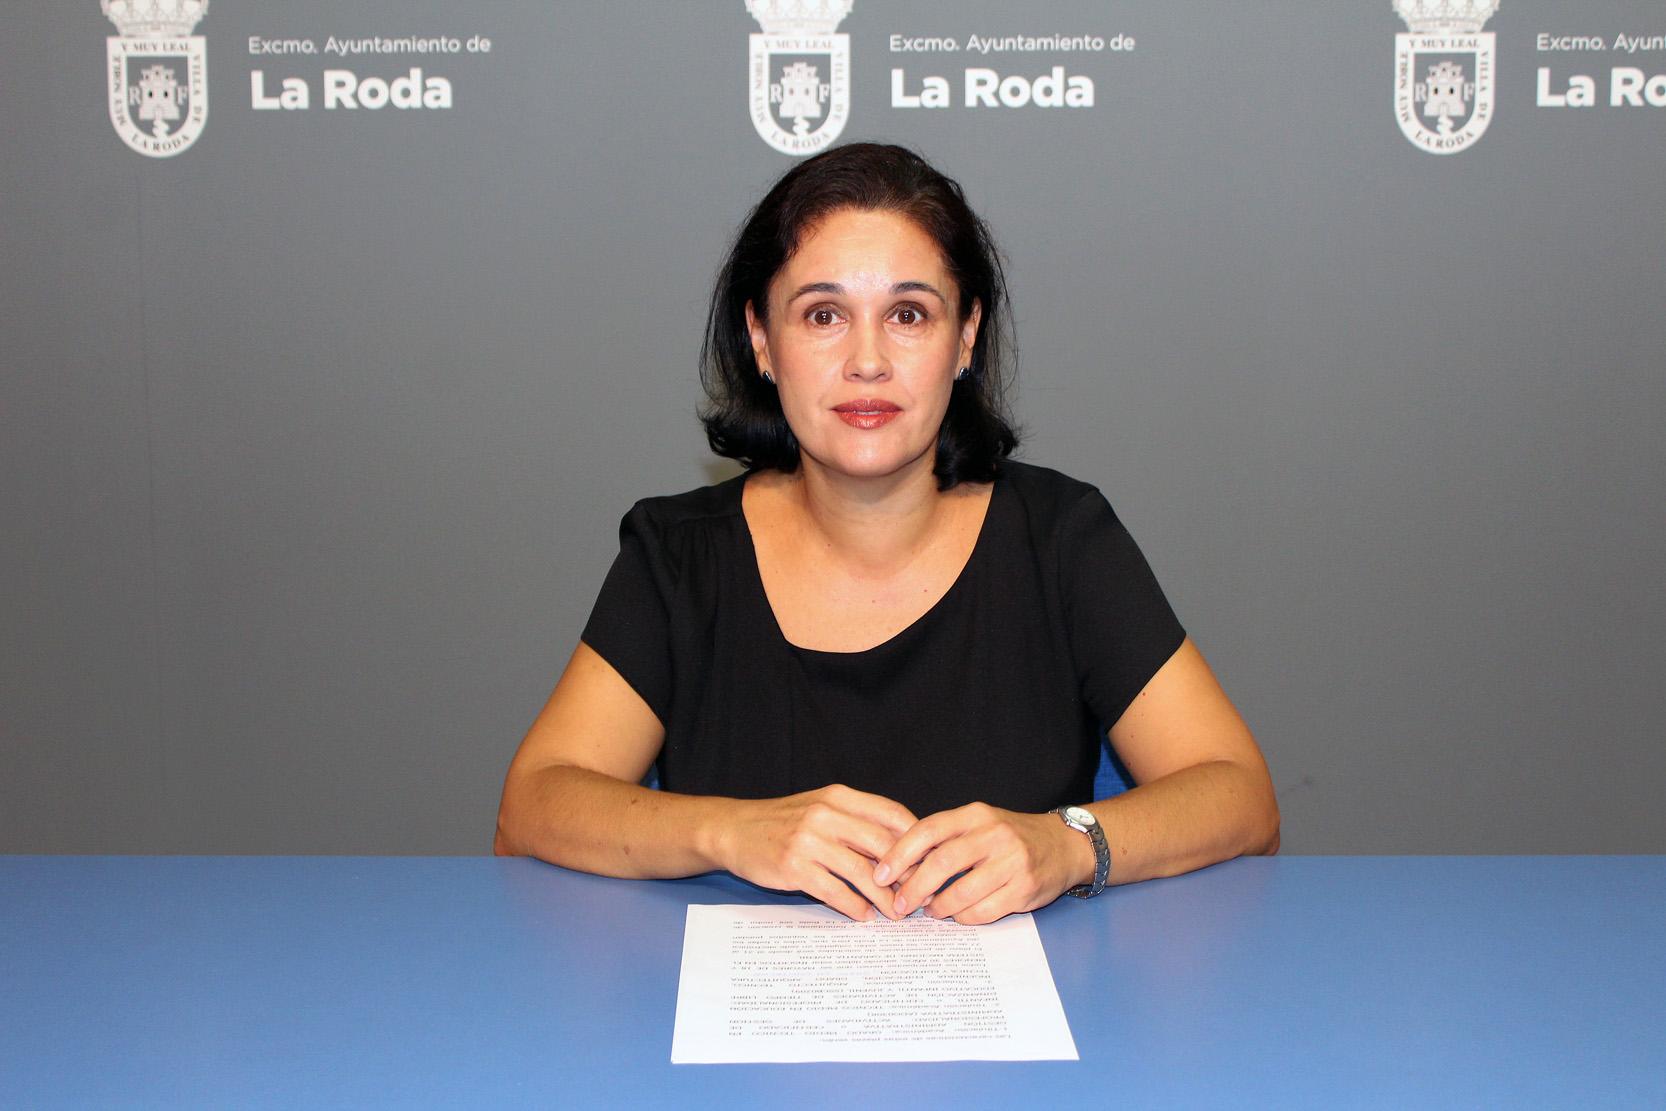 M. Ángeles García ñ